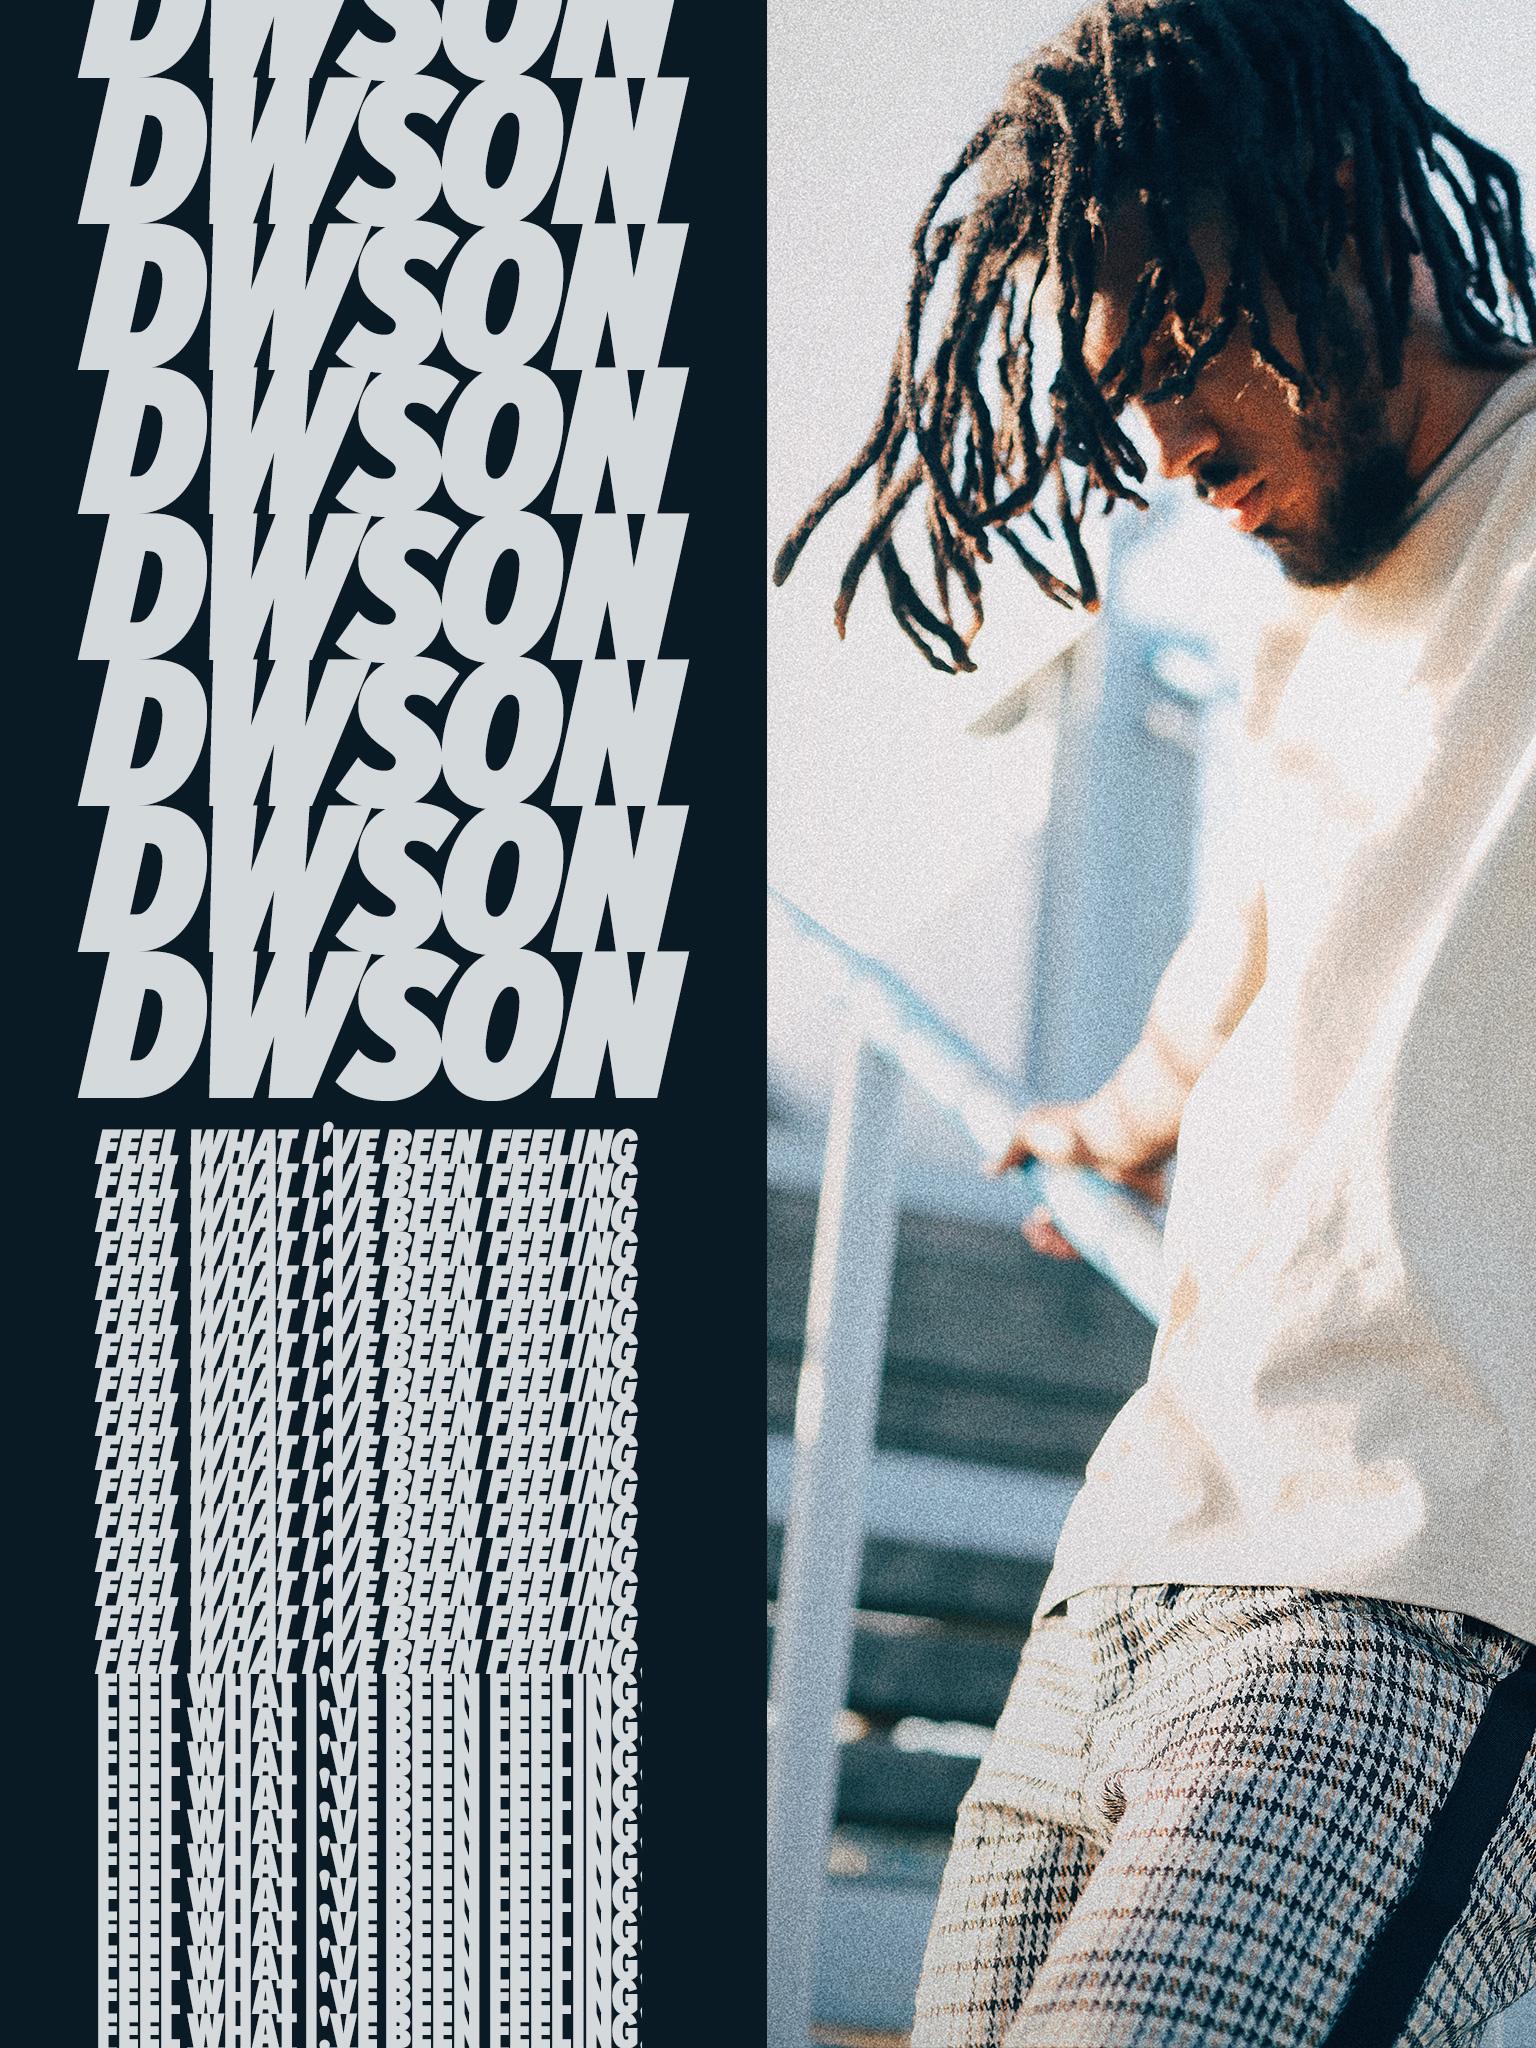 Dwson: Feel What I've Been Feeling